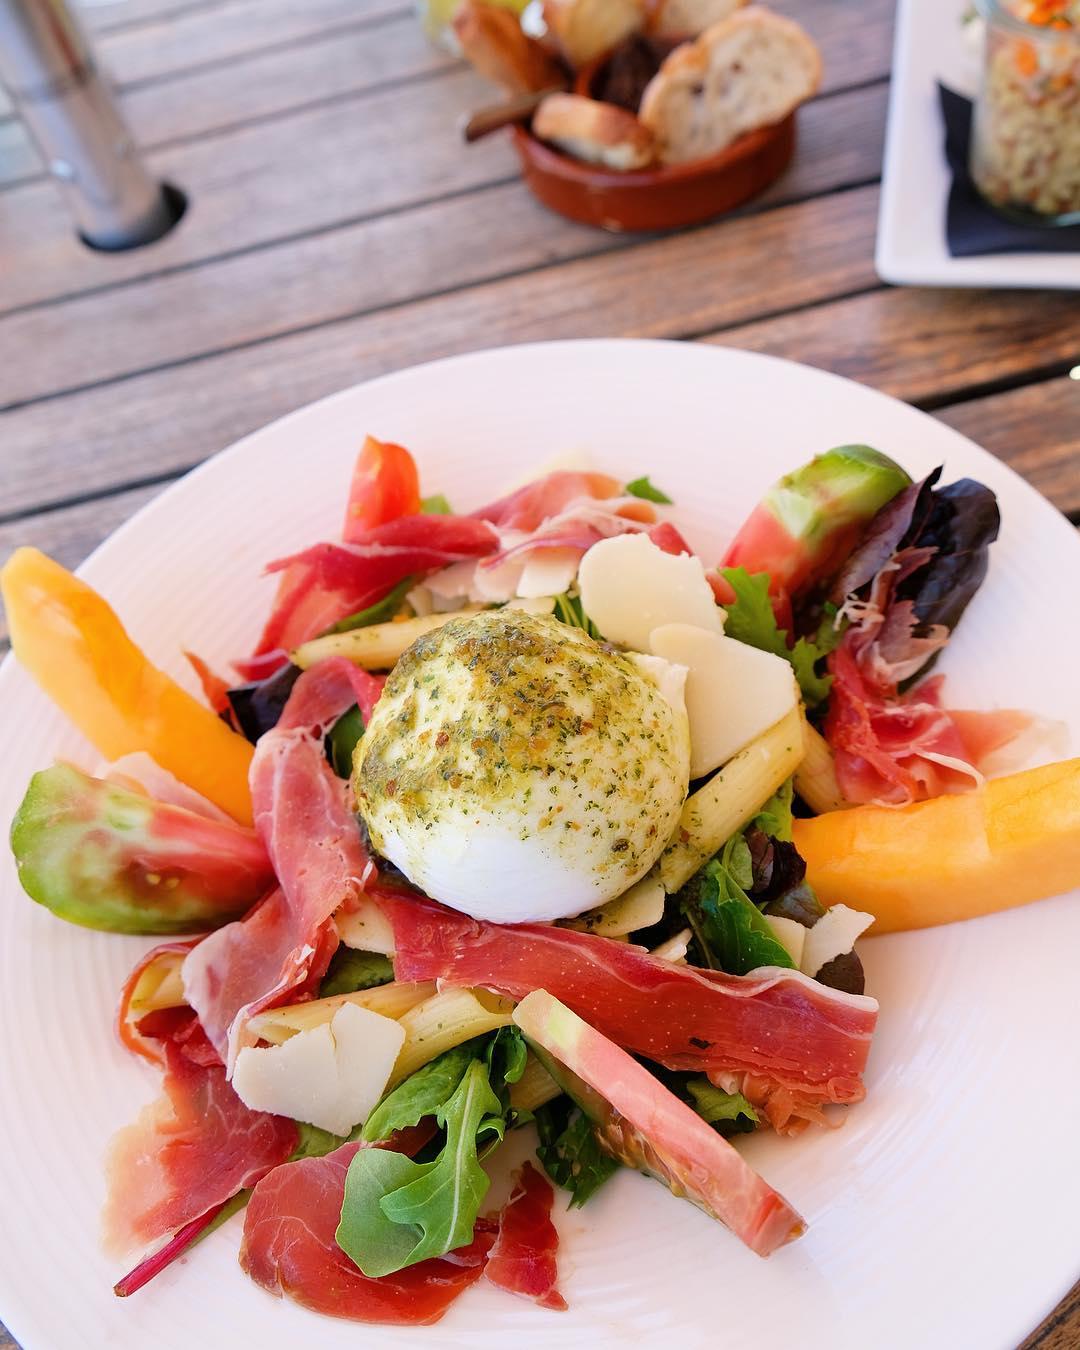 〰 L U N C H 〰  Salade Italienne ? Petite reprise sans perdre les bonnes habitudes en n'oubliant pas le chemin de la plage pour le déjeuner... bin oui faut pas pousser... . T R A N Q U I L L E ! . . ➕ LE J • restaurant de Plage à l'année . ? Carnon (34)?? ??? Bientôt Article sur le blog  _______________  #lejcarnon #restaurant #food #foodlover #blogfood #foodporn #foodstagram #gastronomy #cooking #foodphotography #montpellier #carnon #pintademontpellier #mozza #beachlife